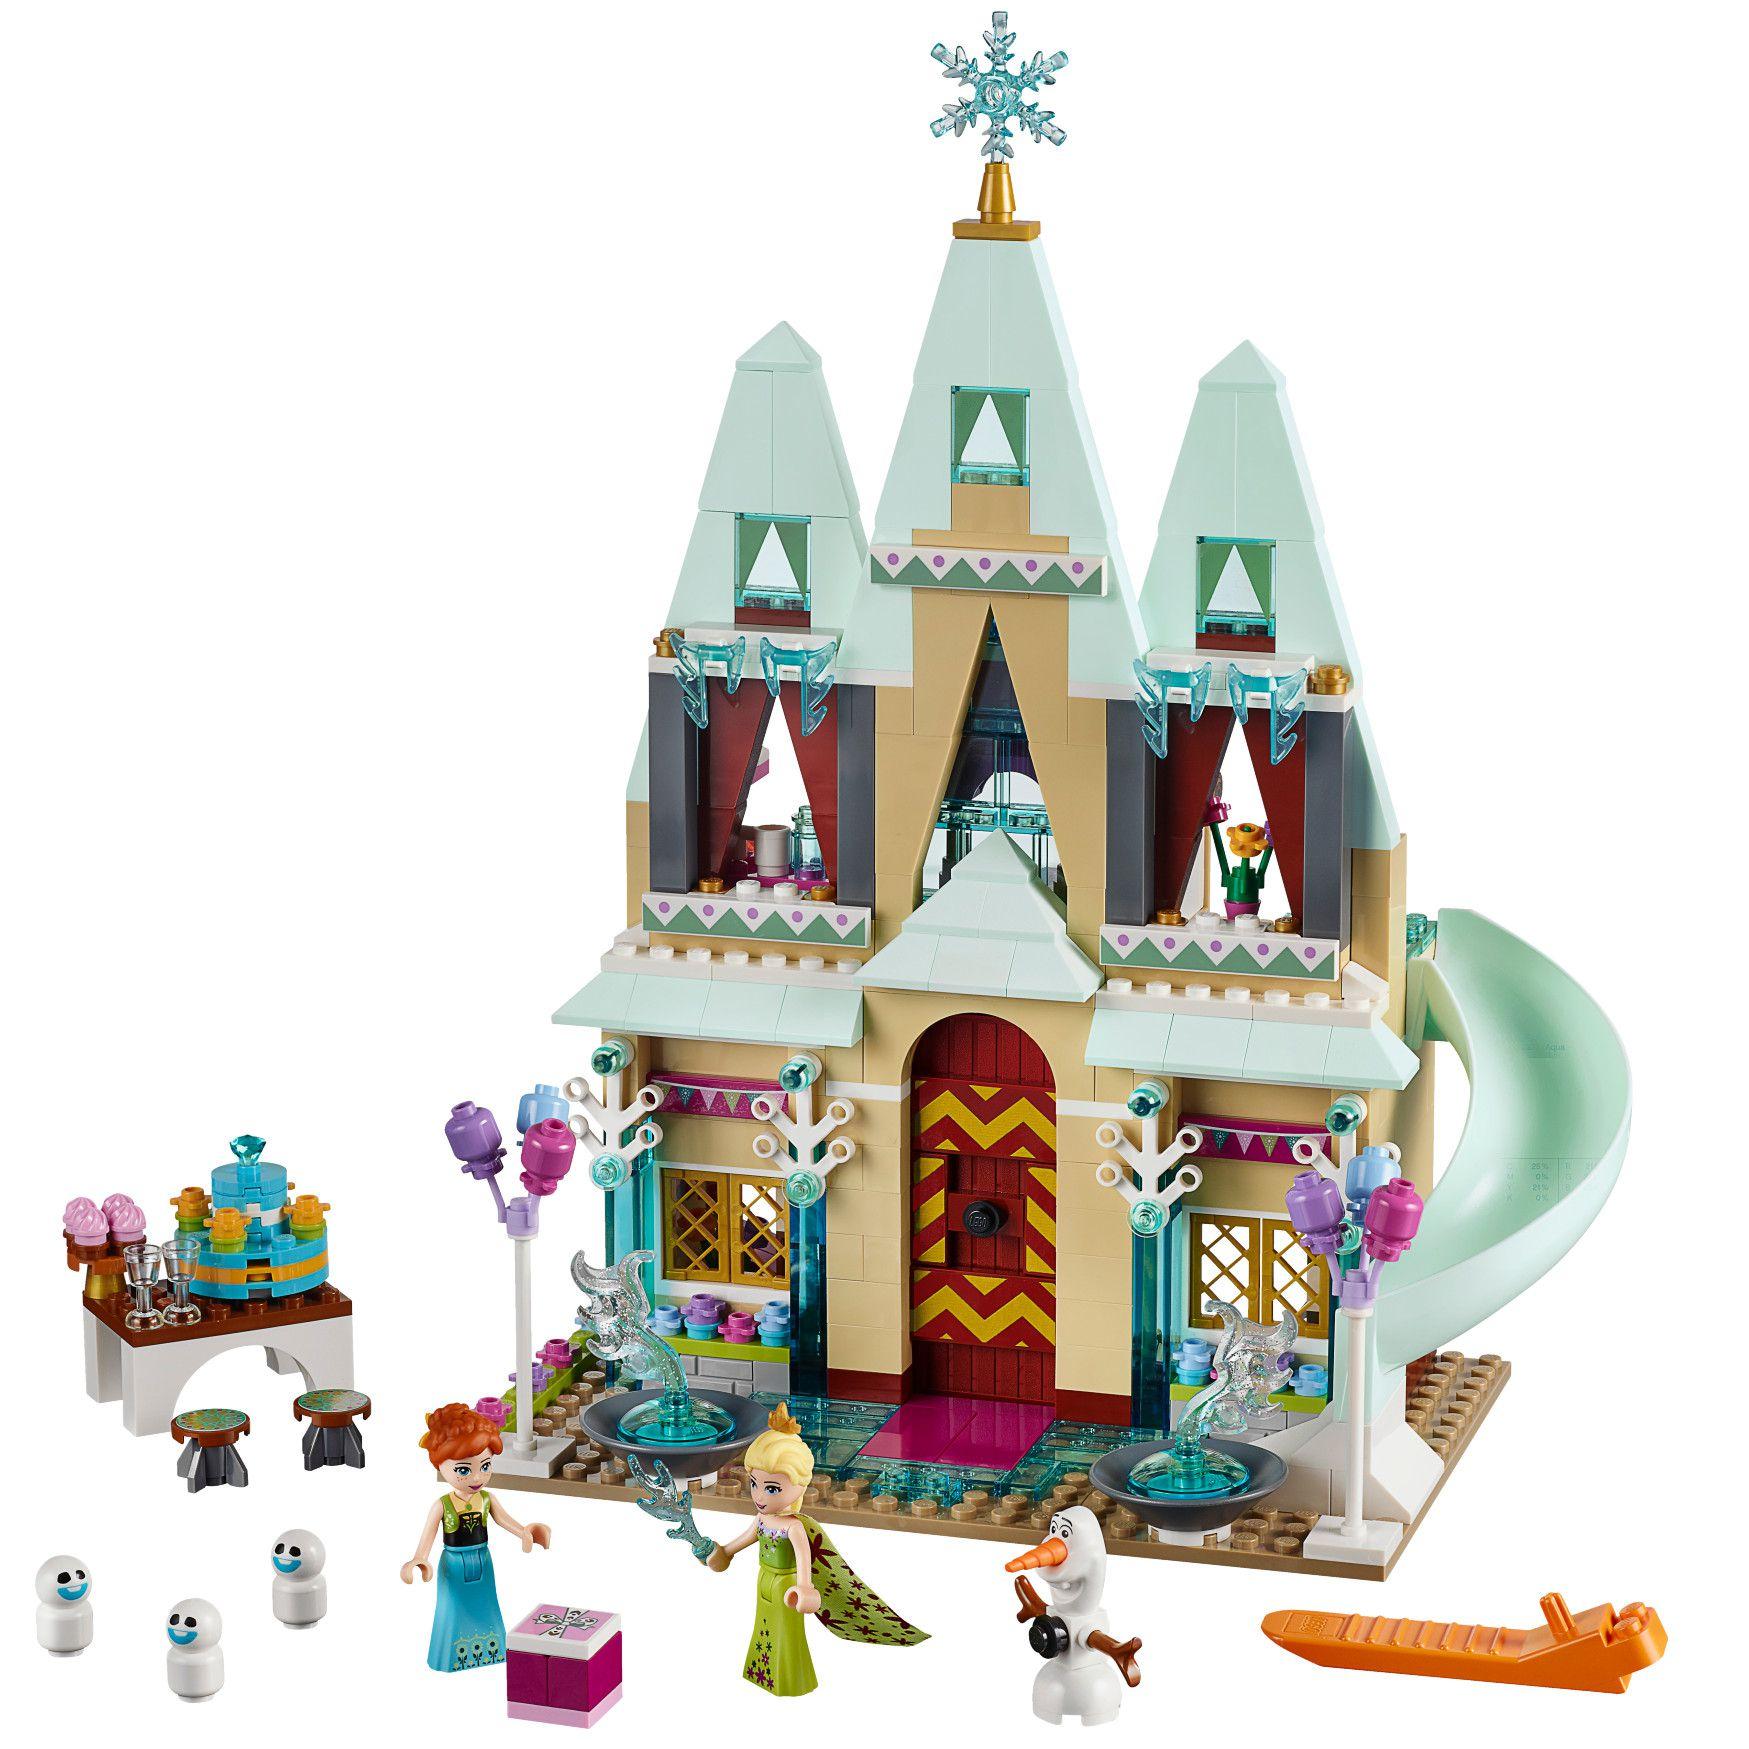 Lego disney princess la reine de neige 41068 l for Chateau elsa reine des neiges